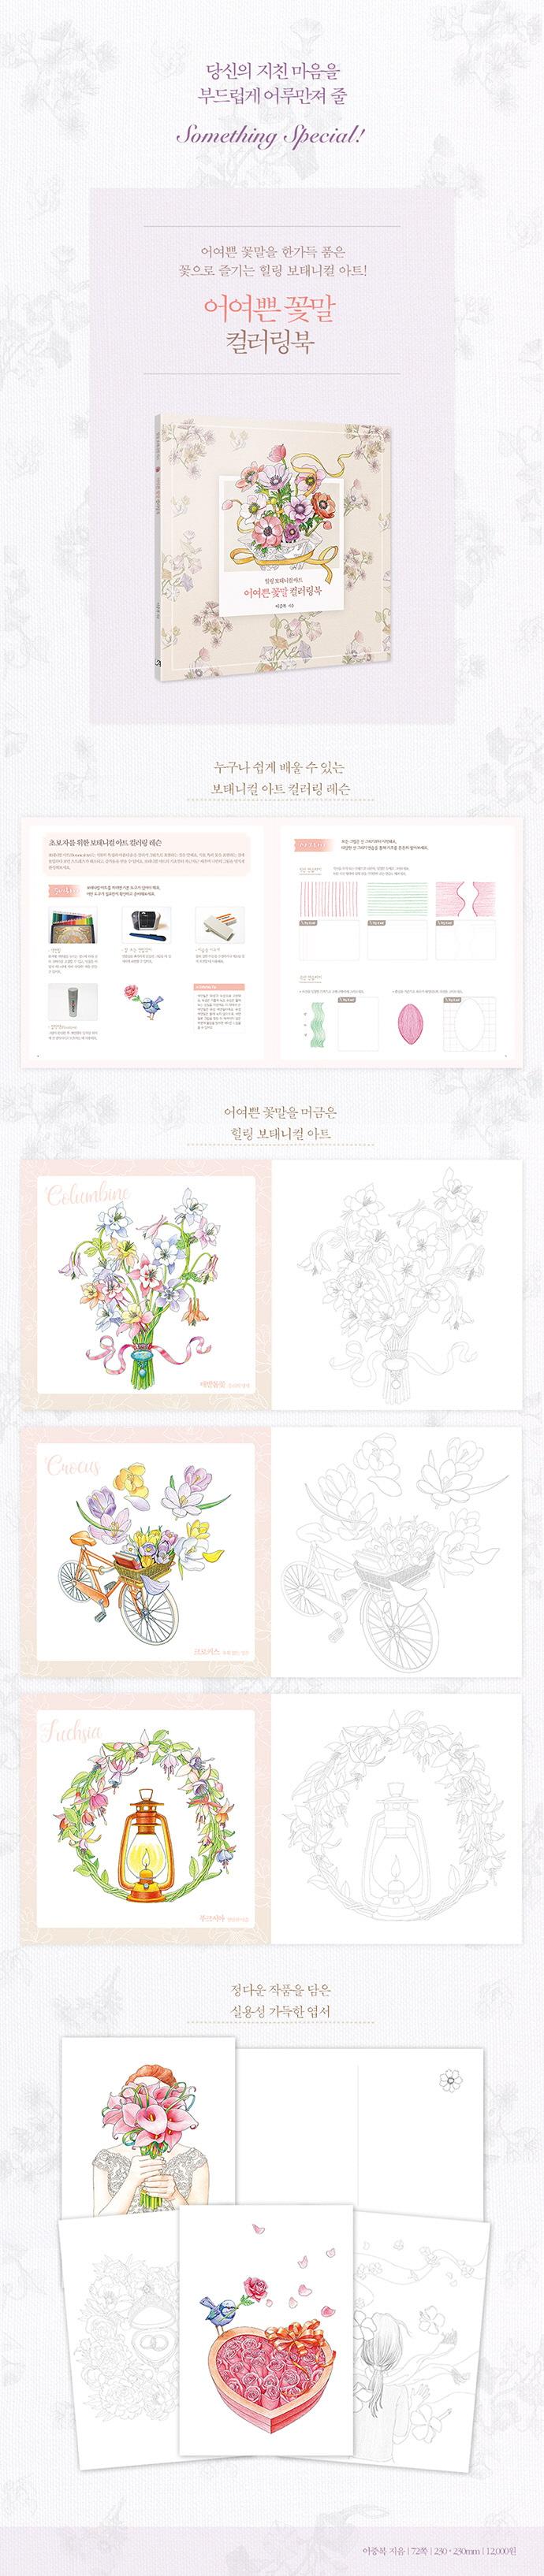 어여쁜 꽃말 컬러링북+아르누보 색연필 50색: 보태니컬 아트 컬러링북 세트 도서 상세이미지